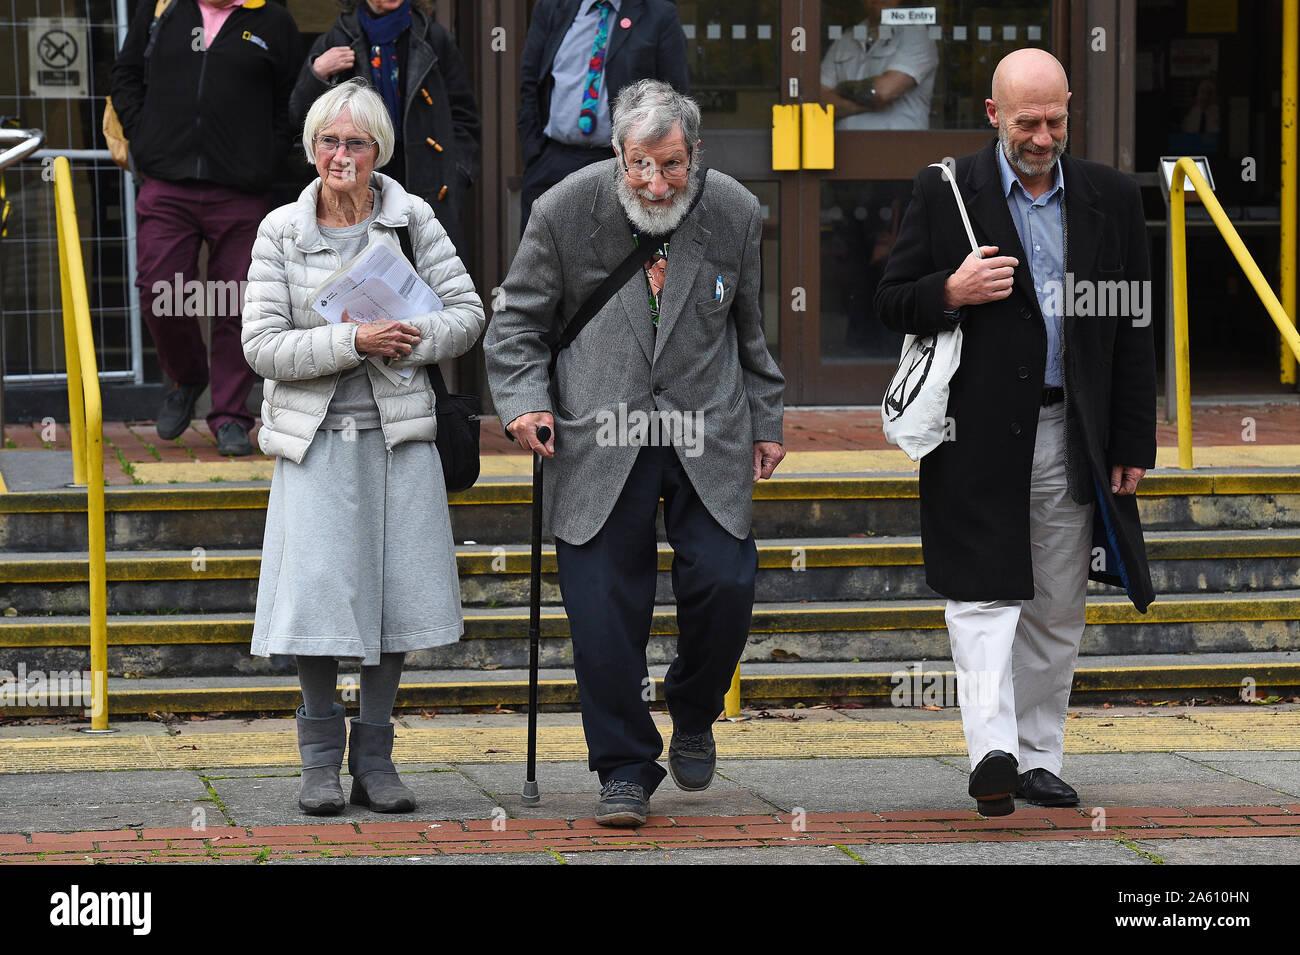 (De izquierda a derecha) Extinción activistas rebelión Ursula Pethick, de 83 años, John Alexander Lynes, 91 y Juan Halladay, de 61 años, deje el Tribunal de Magistrados de Folkestone Kent, tras un bloqueo del puerto de Dover el mes pasado. Foto de stock